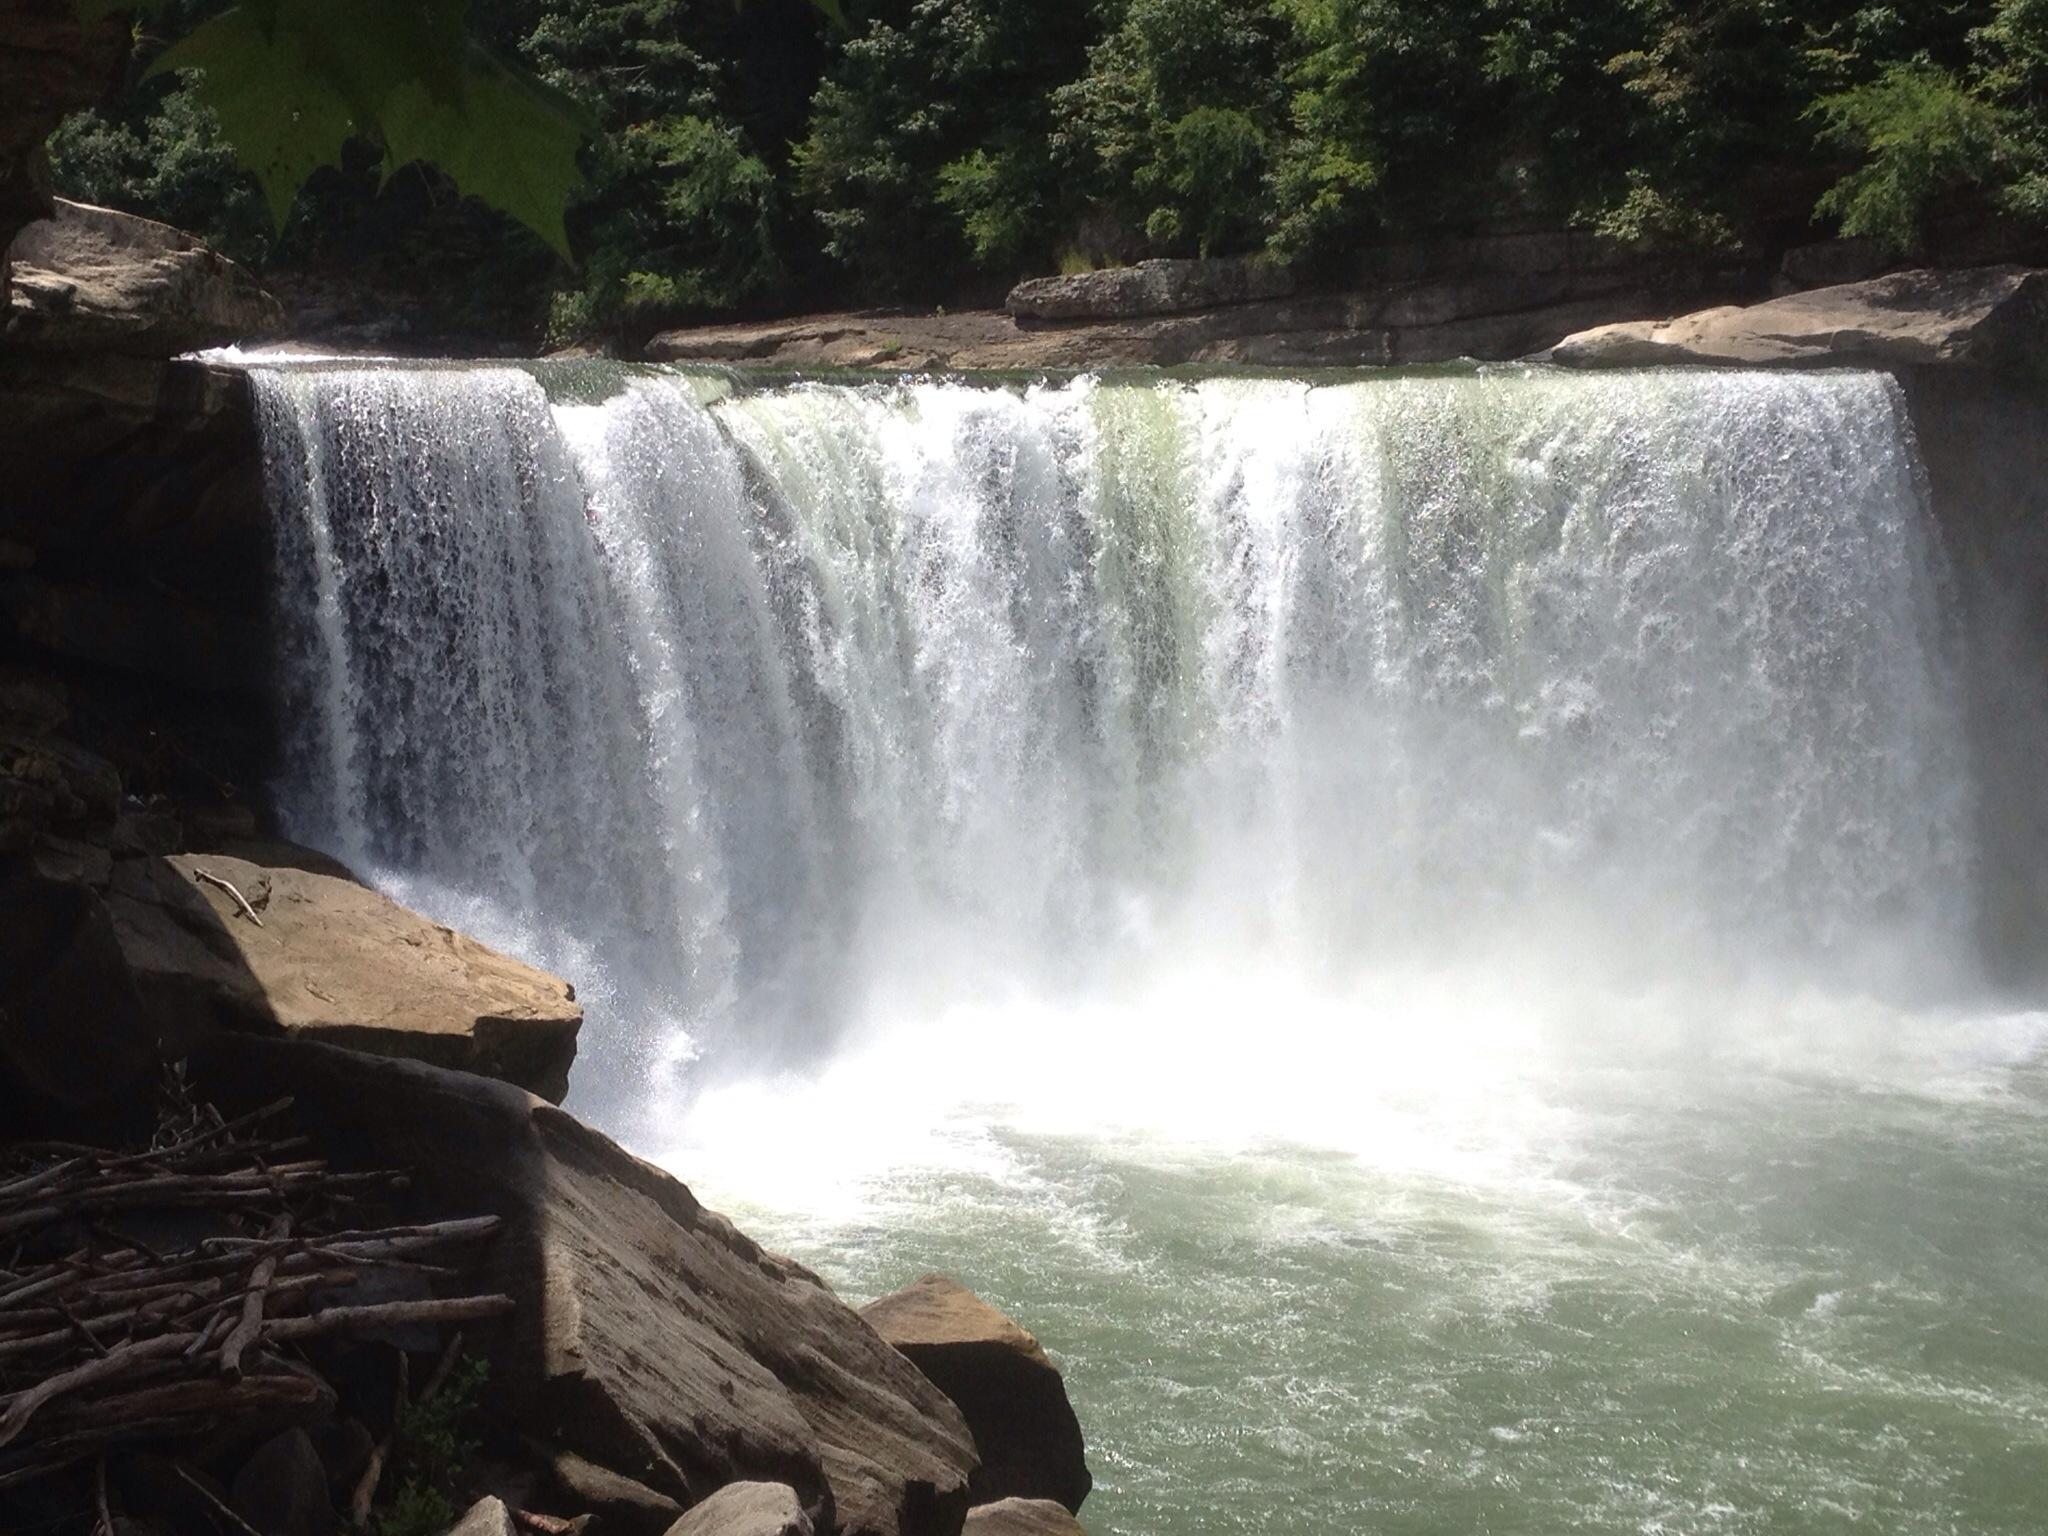 Cumberland Falls State Resort Park